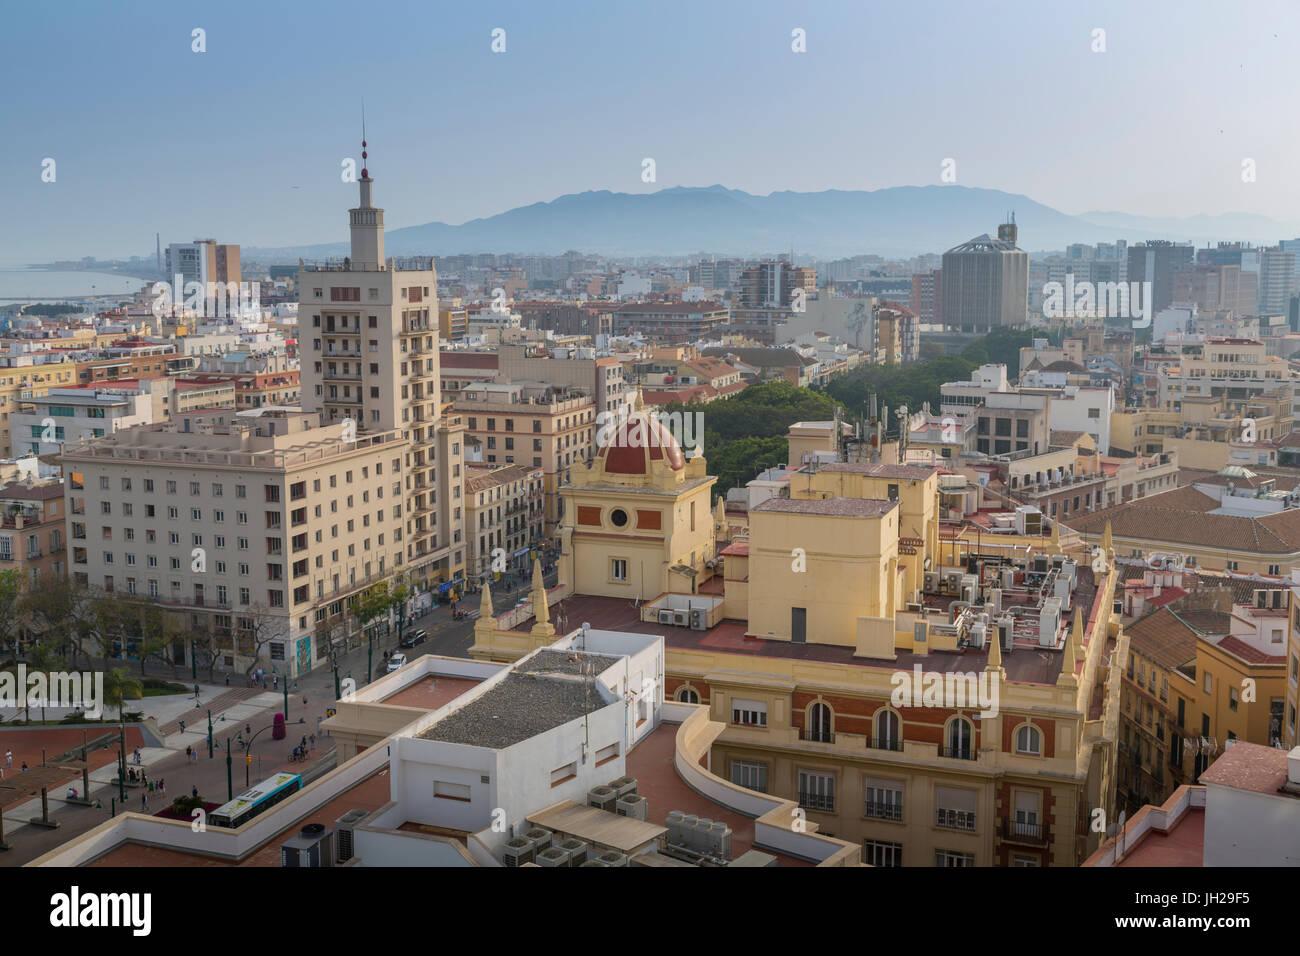 Portrait de l'Alameda Principal, Malaga, Costa del Sol, Andalousie, Espagne, Europe Photo Stock